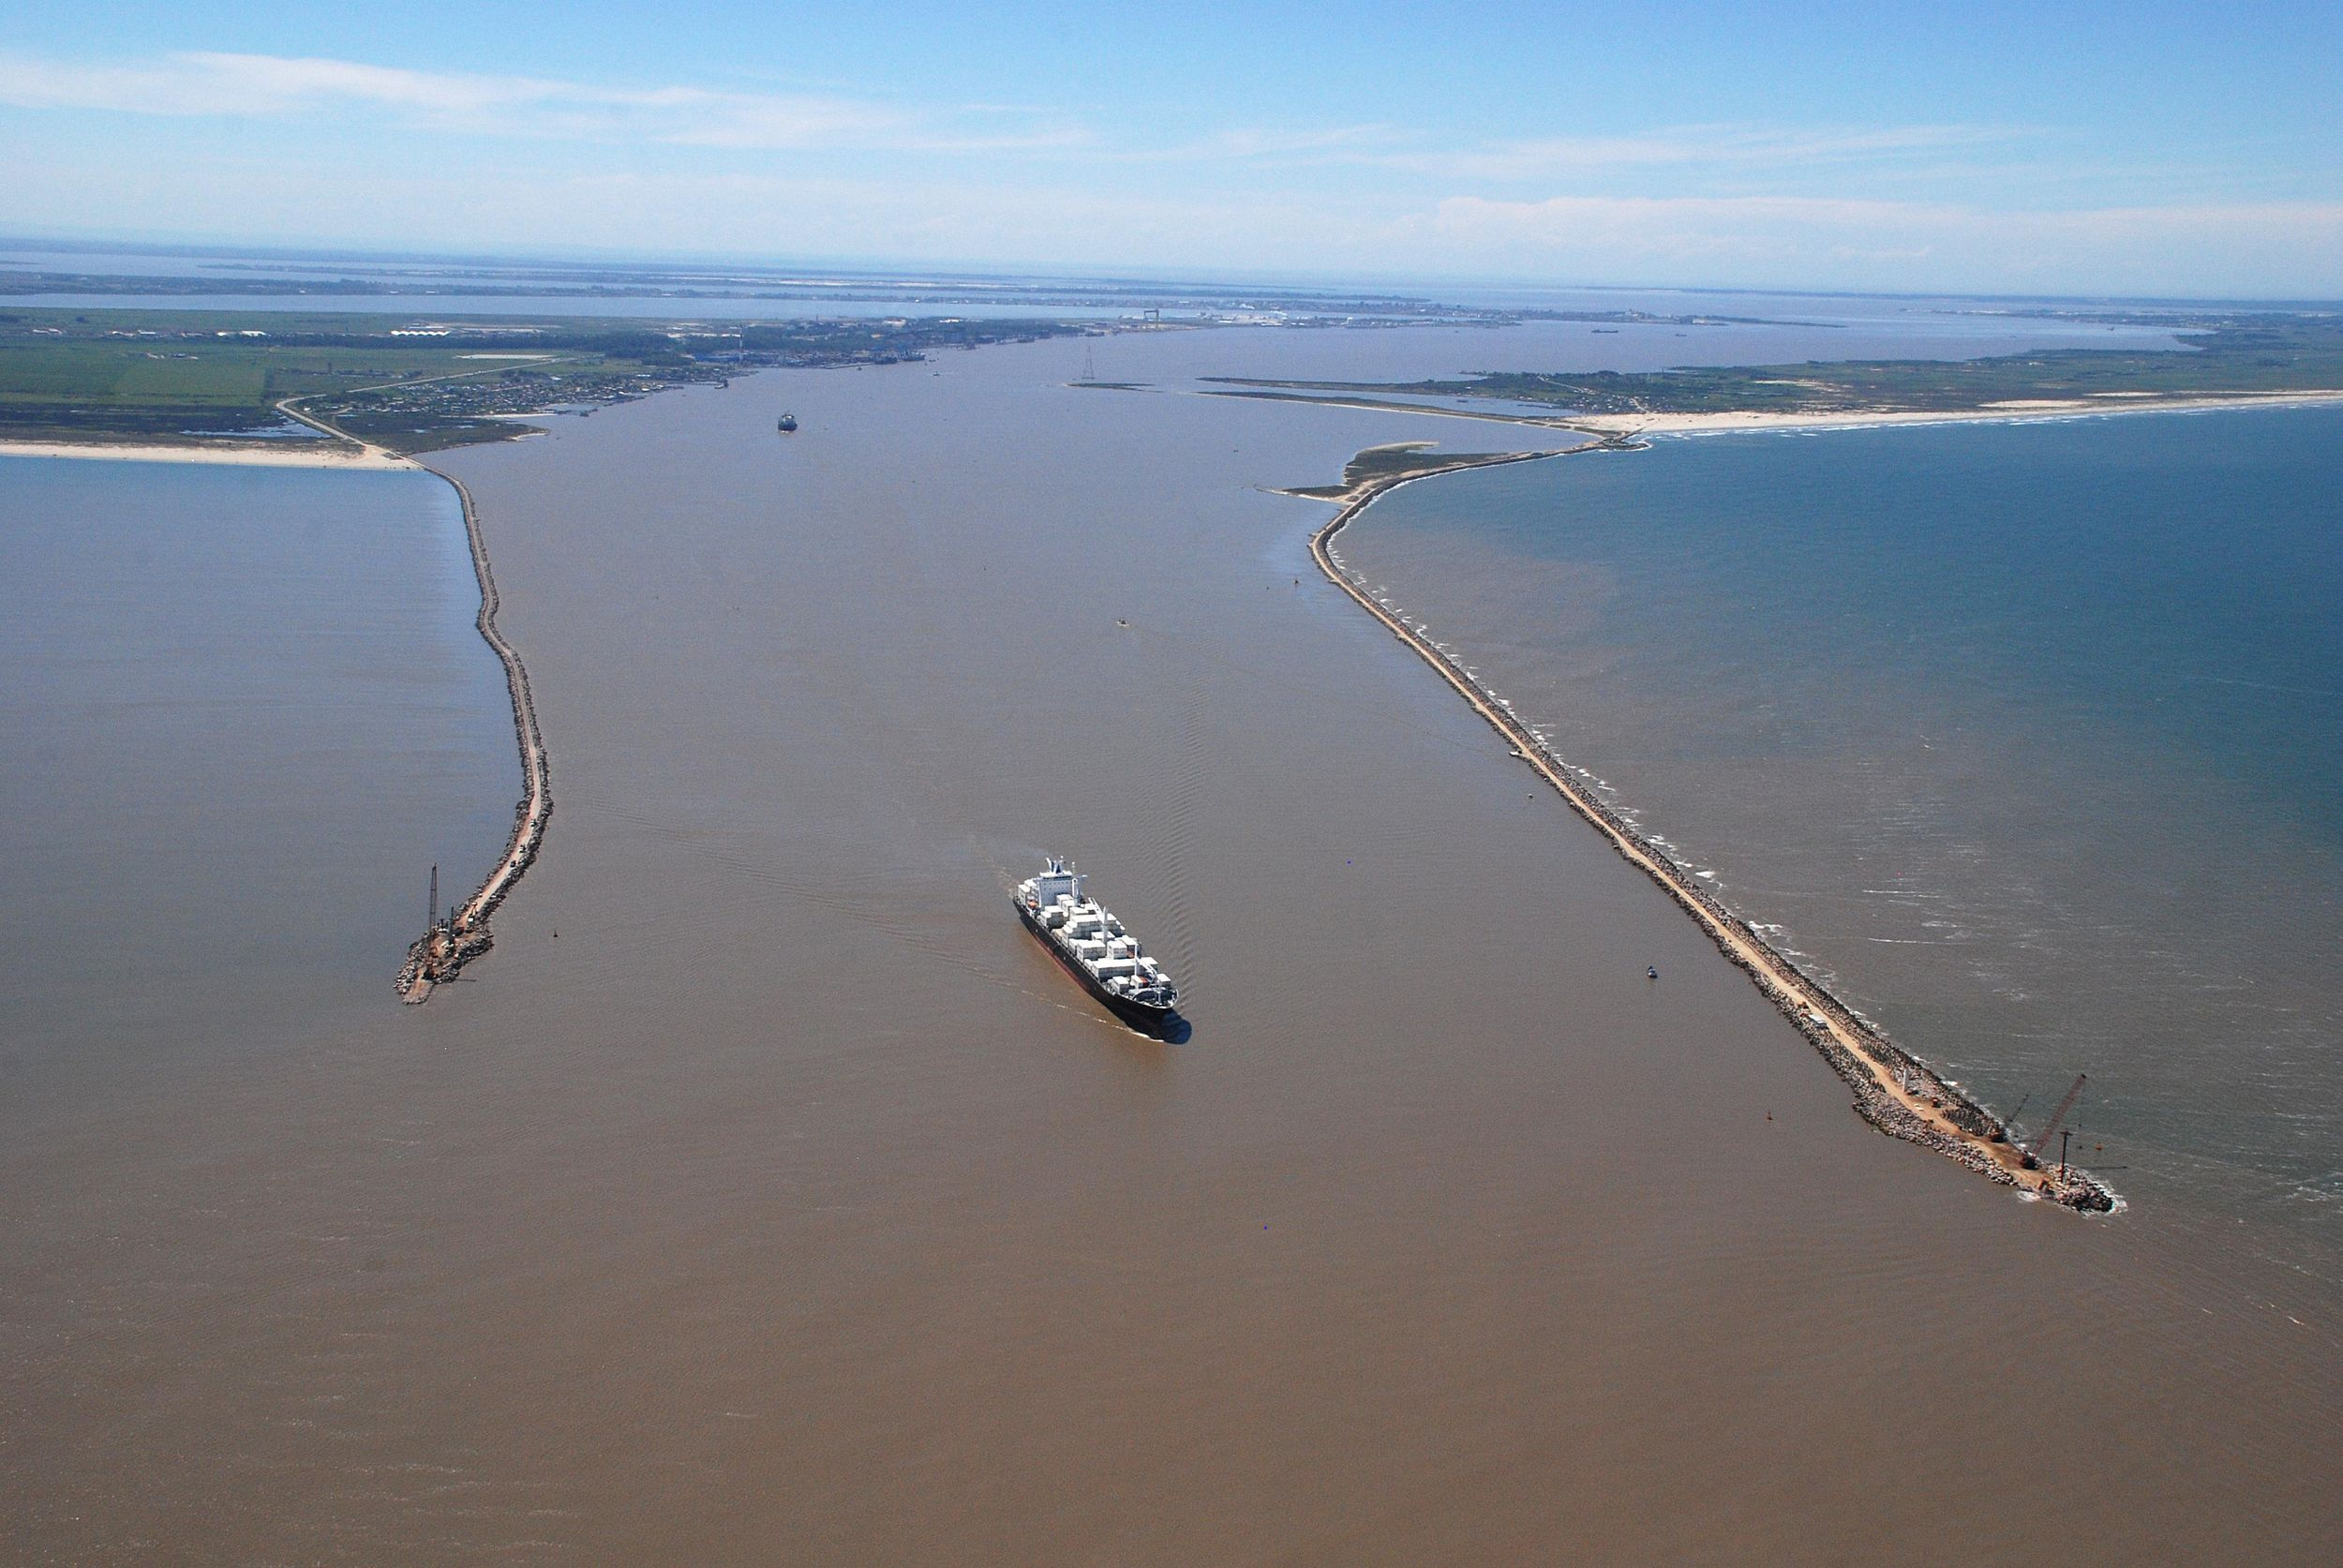 Deputado ressalta necessidade de hidrovias no Rio Grande do SulPortal Marítimo | Portal Marítimo